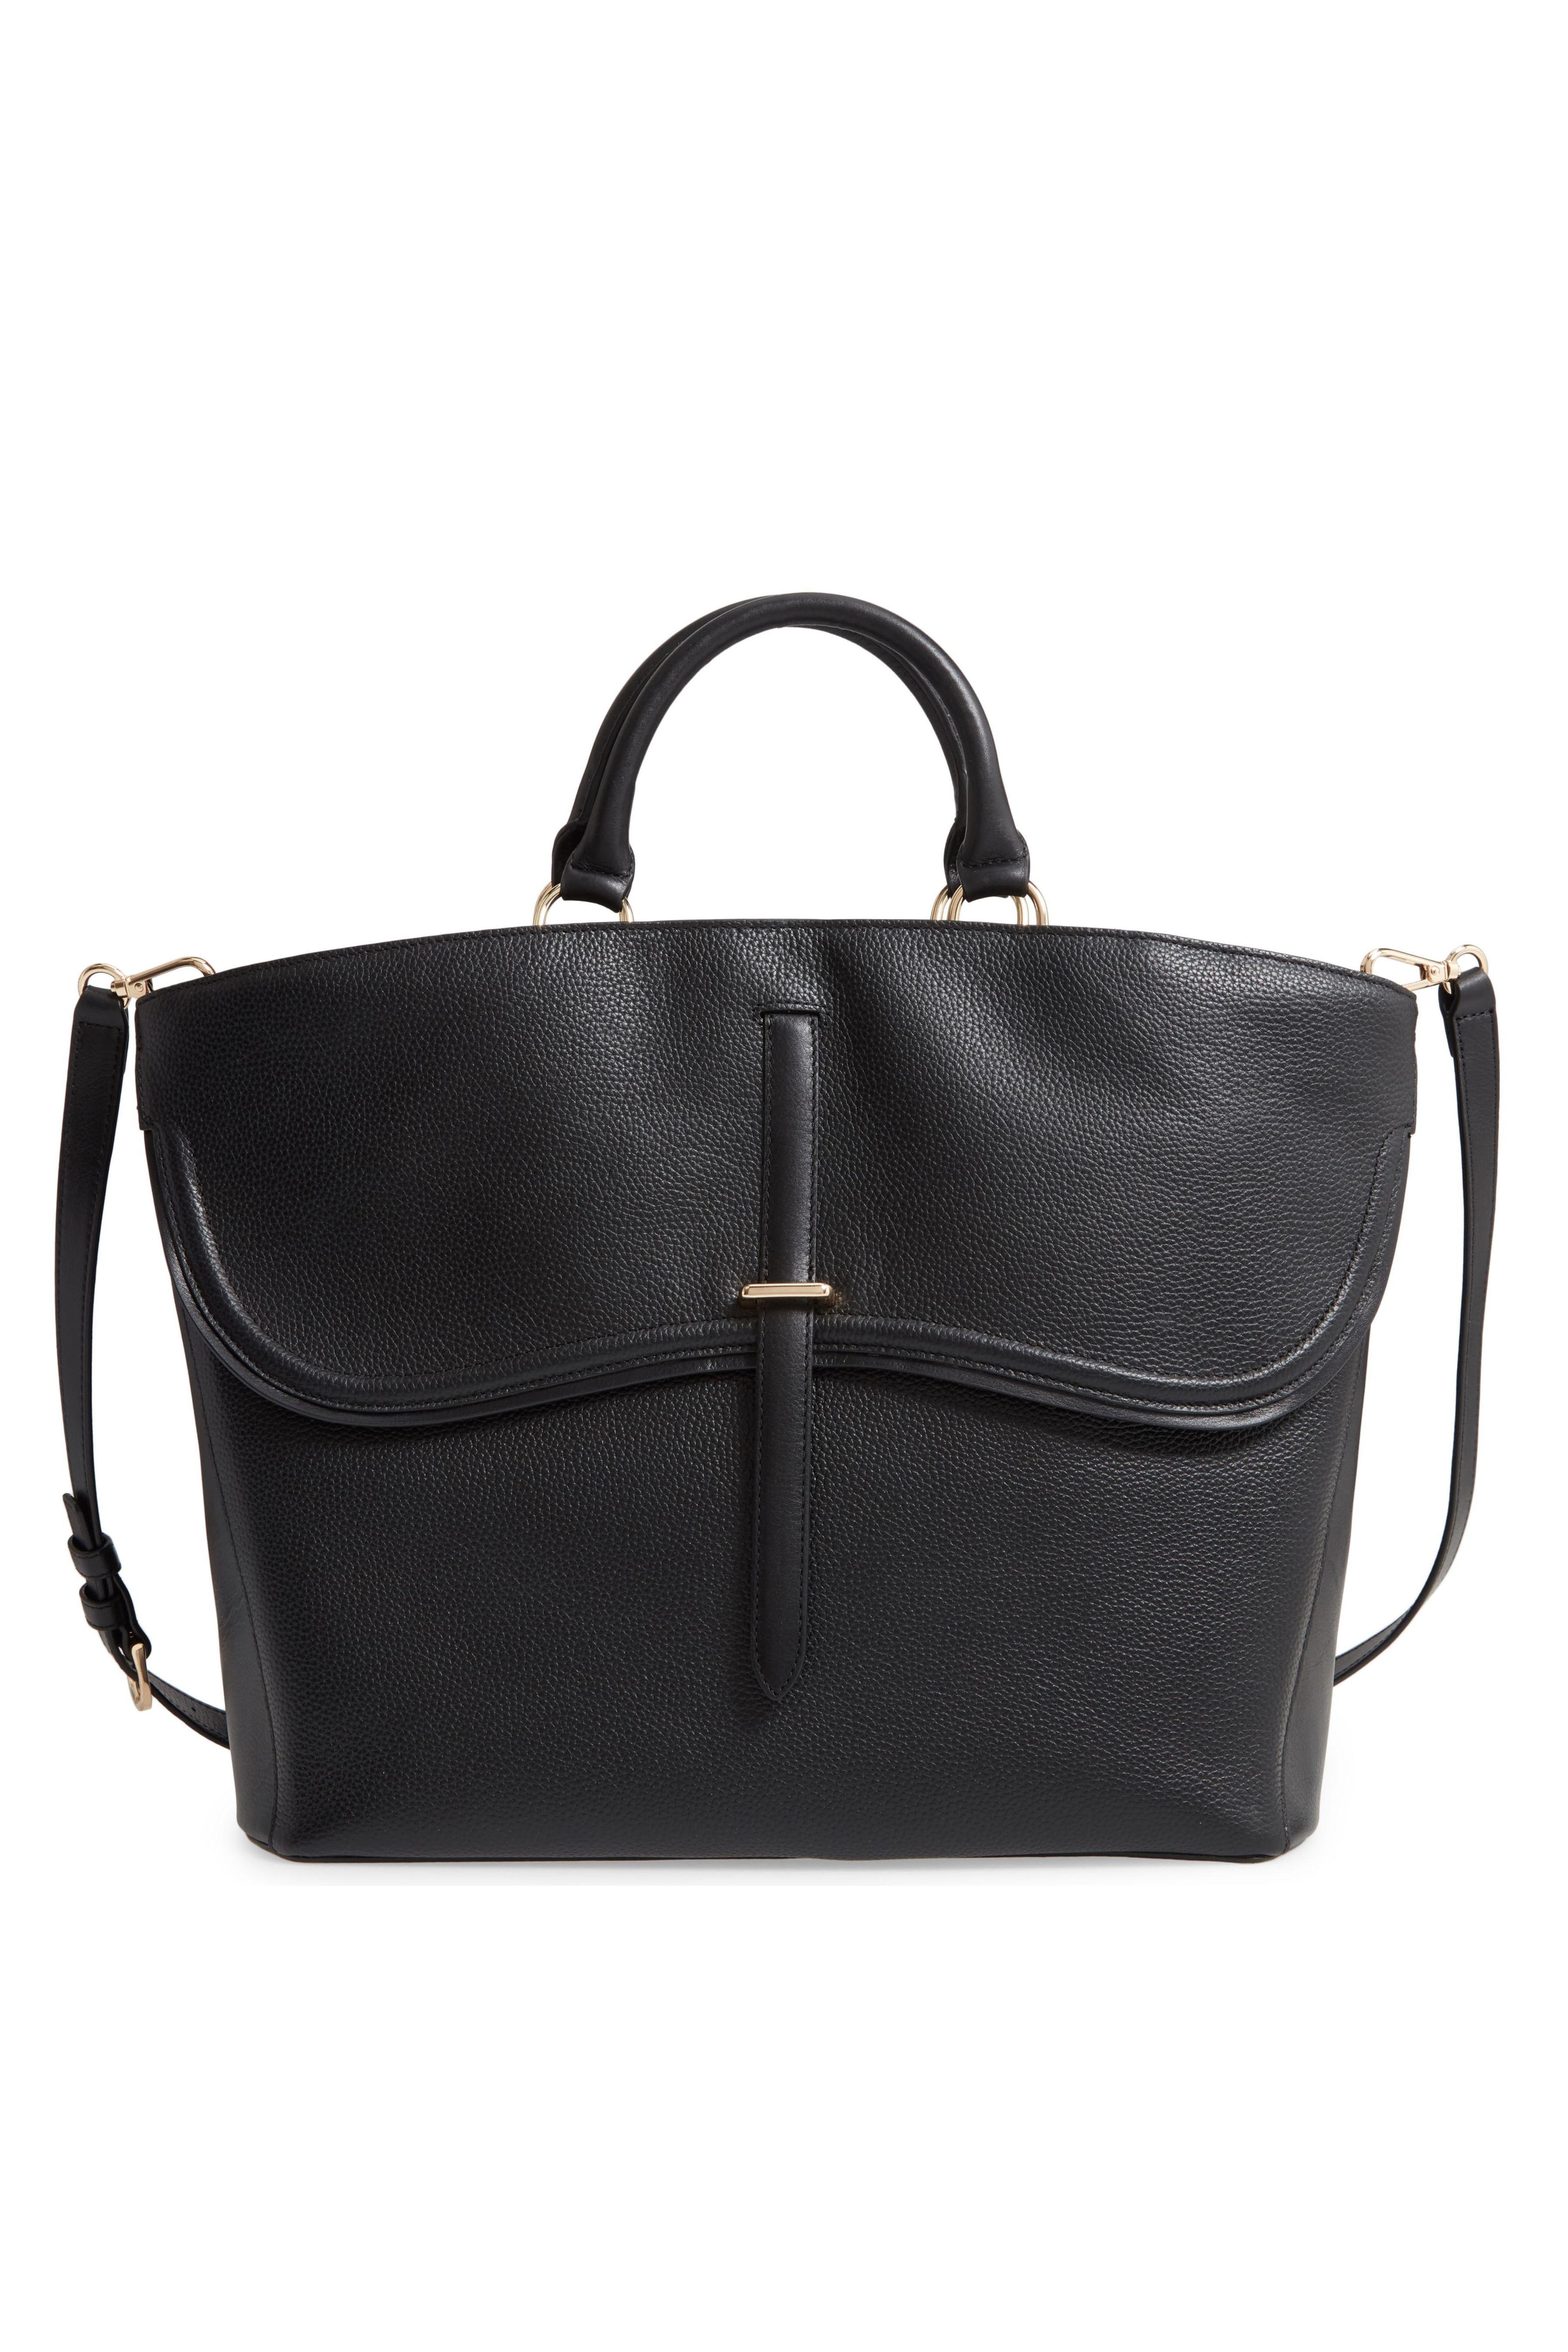 Women/' Black Soft Real Leather Handbag Satchel Shoulder Body Messenger Work Bag